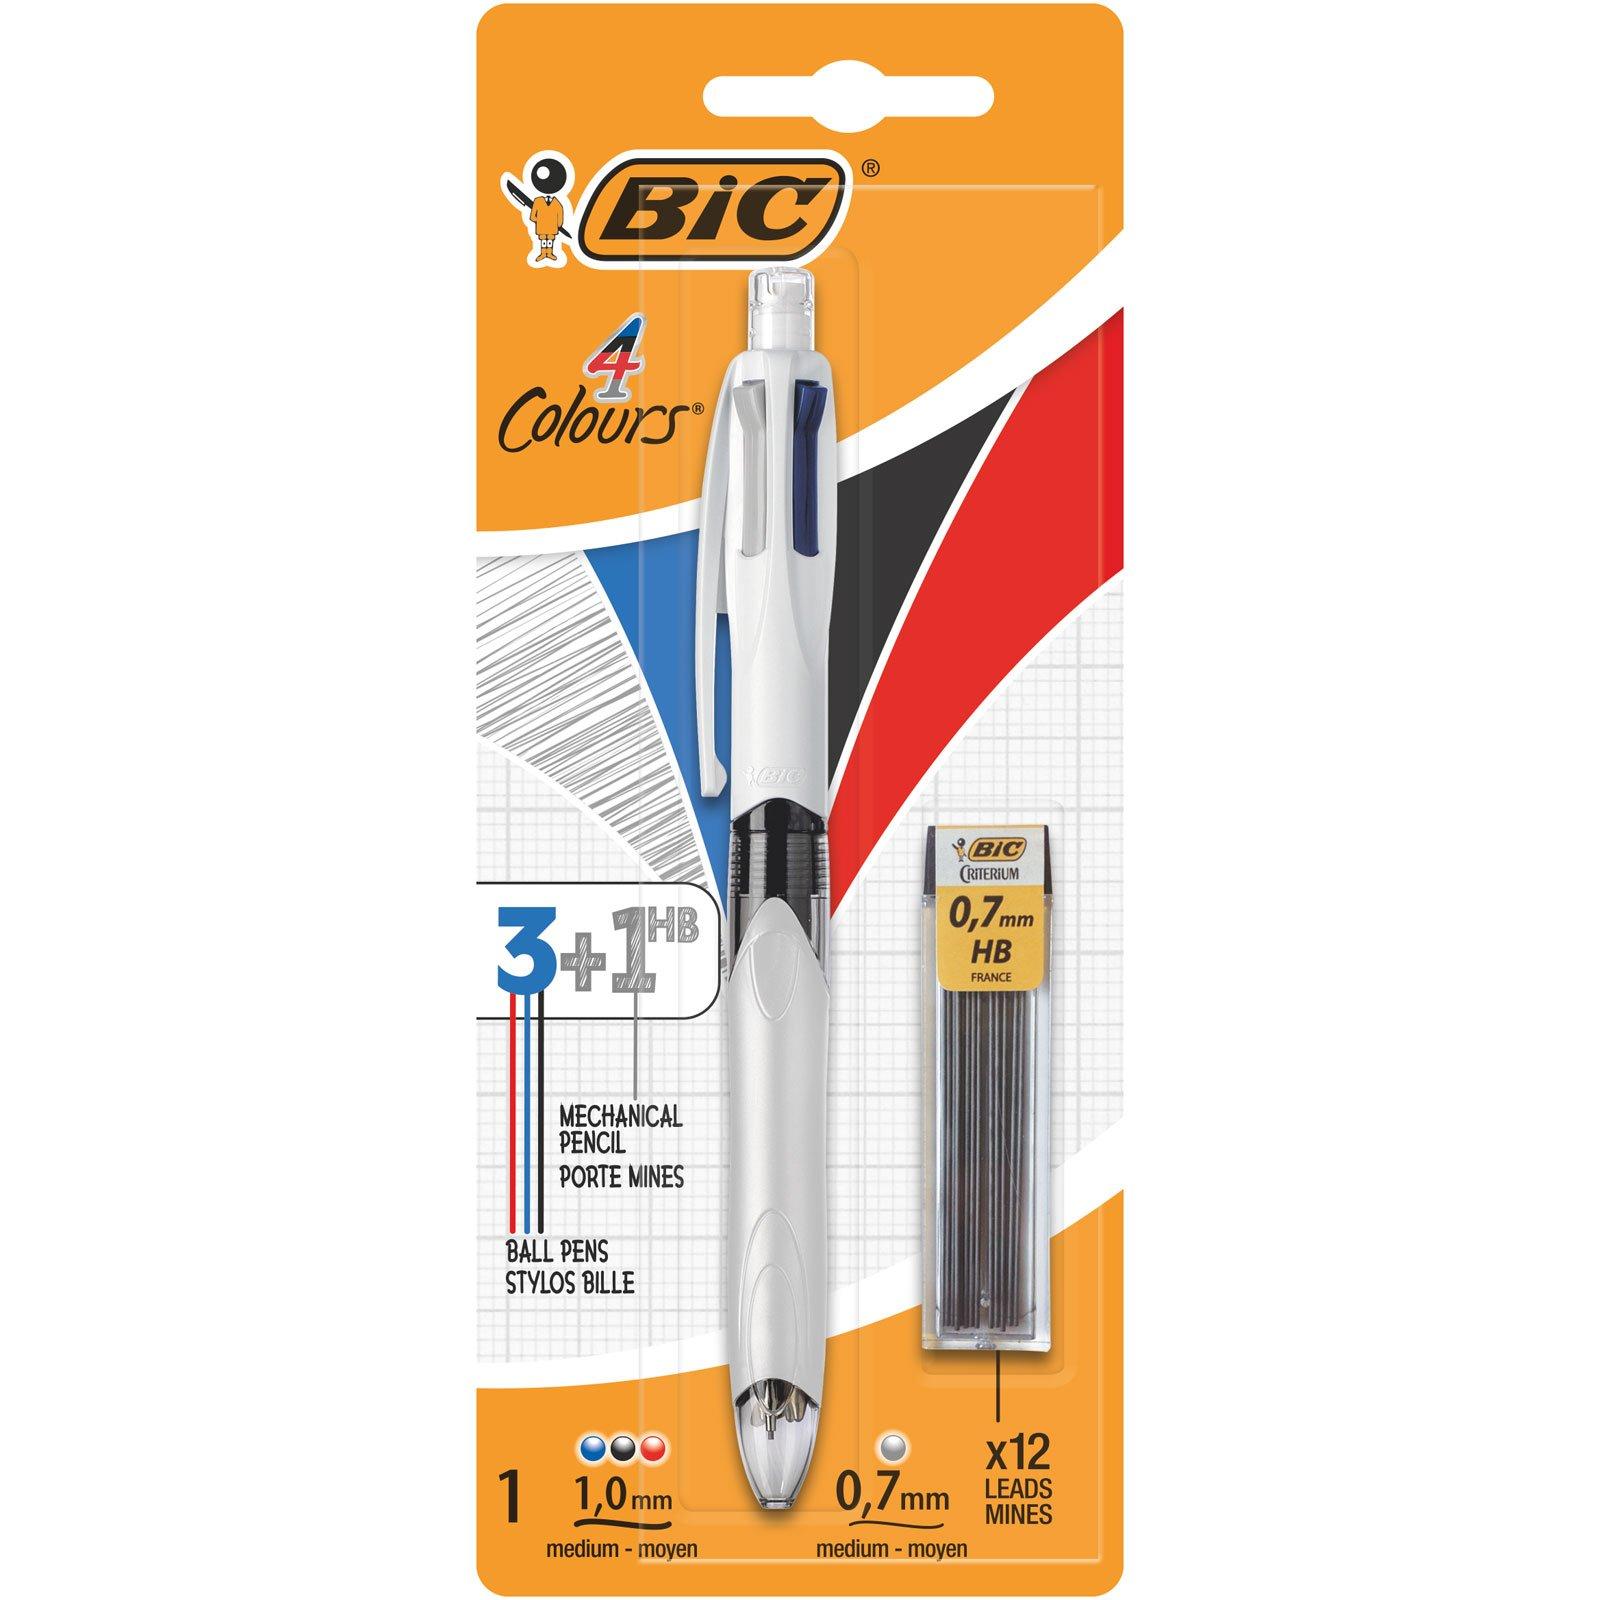 BIC 4 colores - Bolígrafo Multifunción 3+1HB con 12 Minas de Recambio 0,7 mm product image